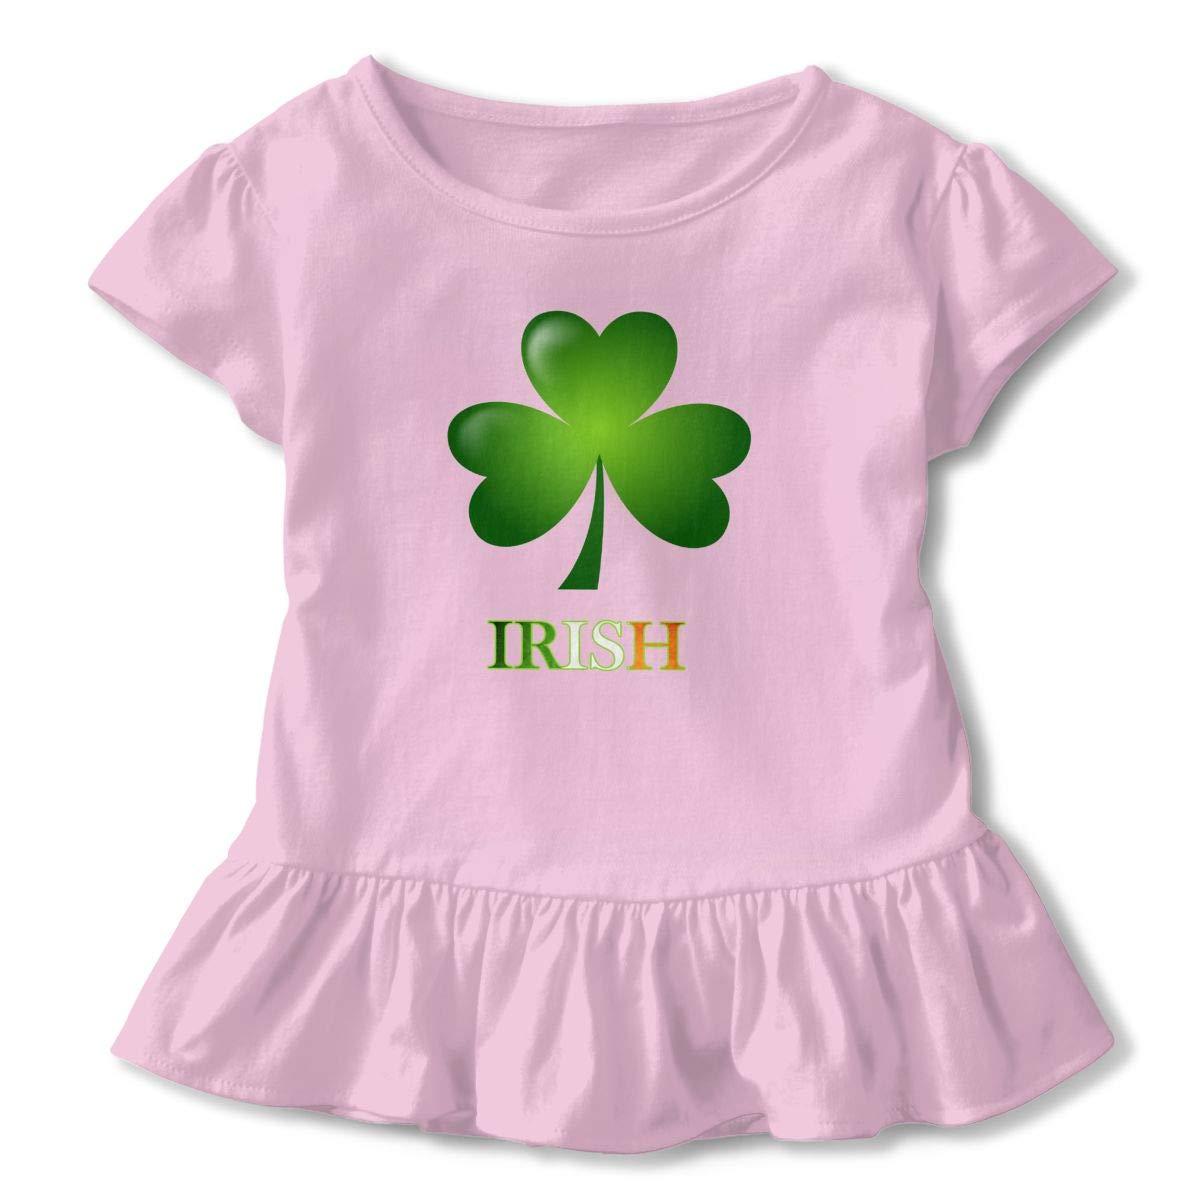 Benunit Luck of The Irish Baby Girls Summer Dress Outfits Ruffle Short T-Shirt Romper Dress,One-Piece Jumpsuit